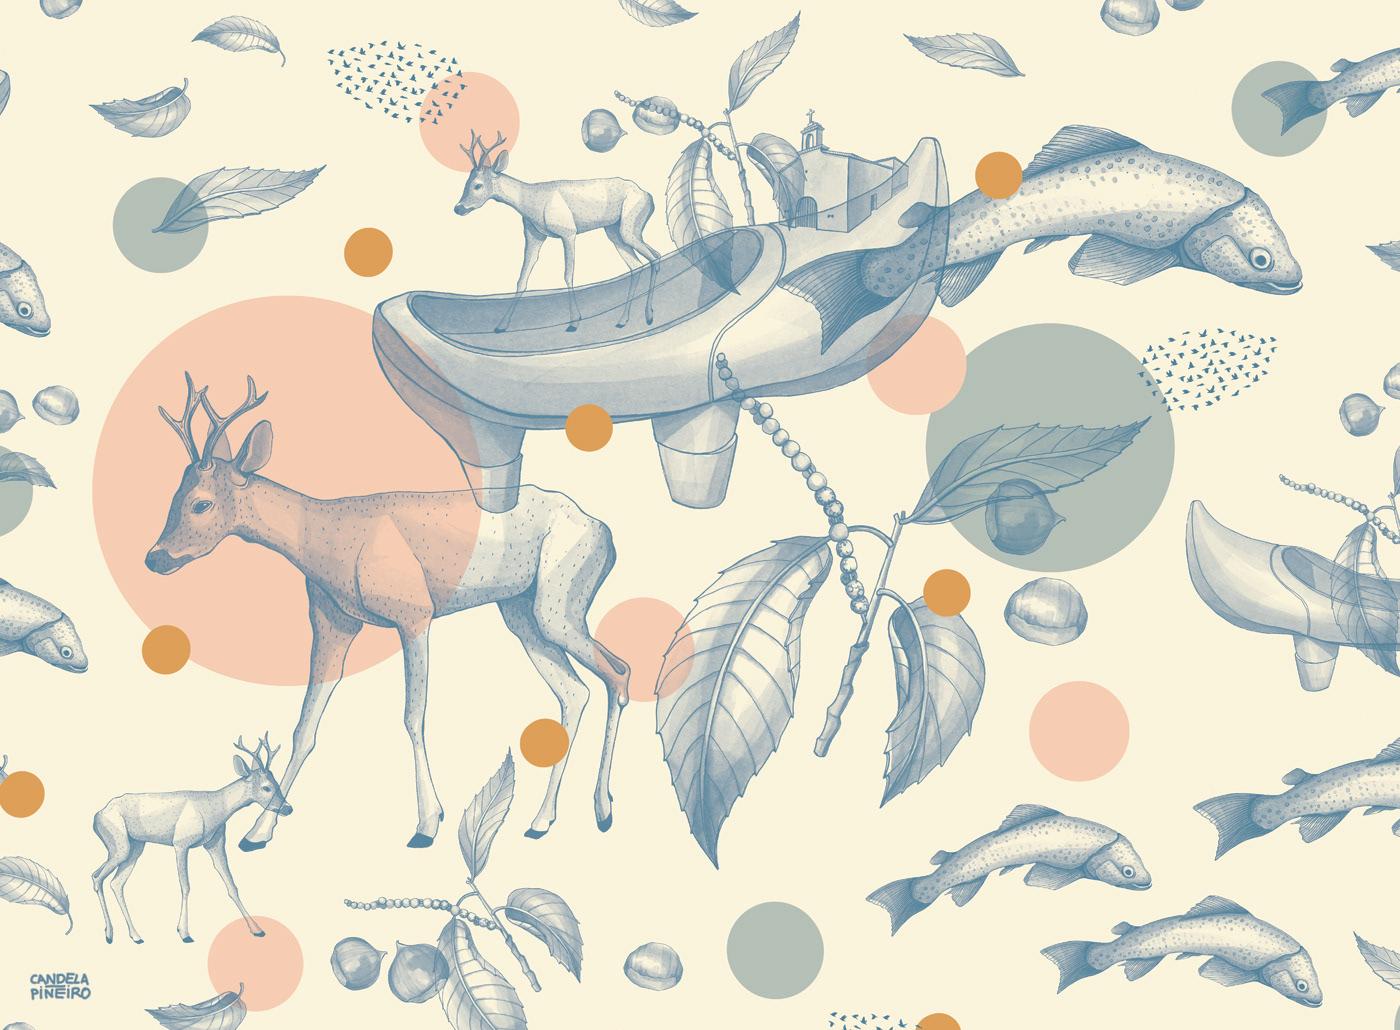 acuarela Diseño de estampados estampado Illustrated pattern ilustracion ilustración botánica pattern pattern design  pattern textil textil design